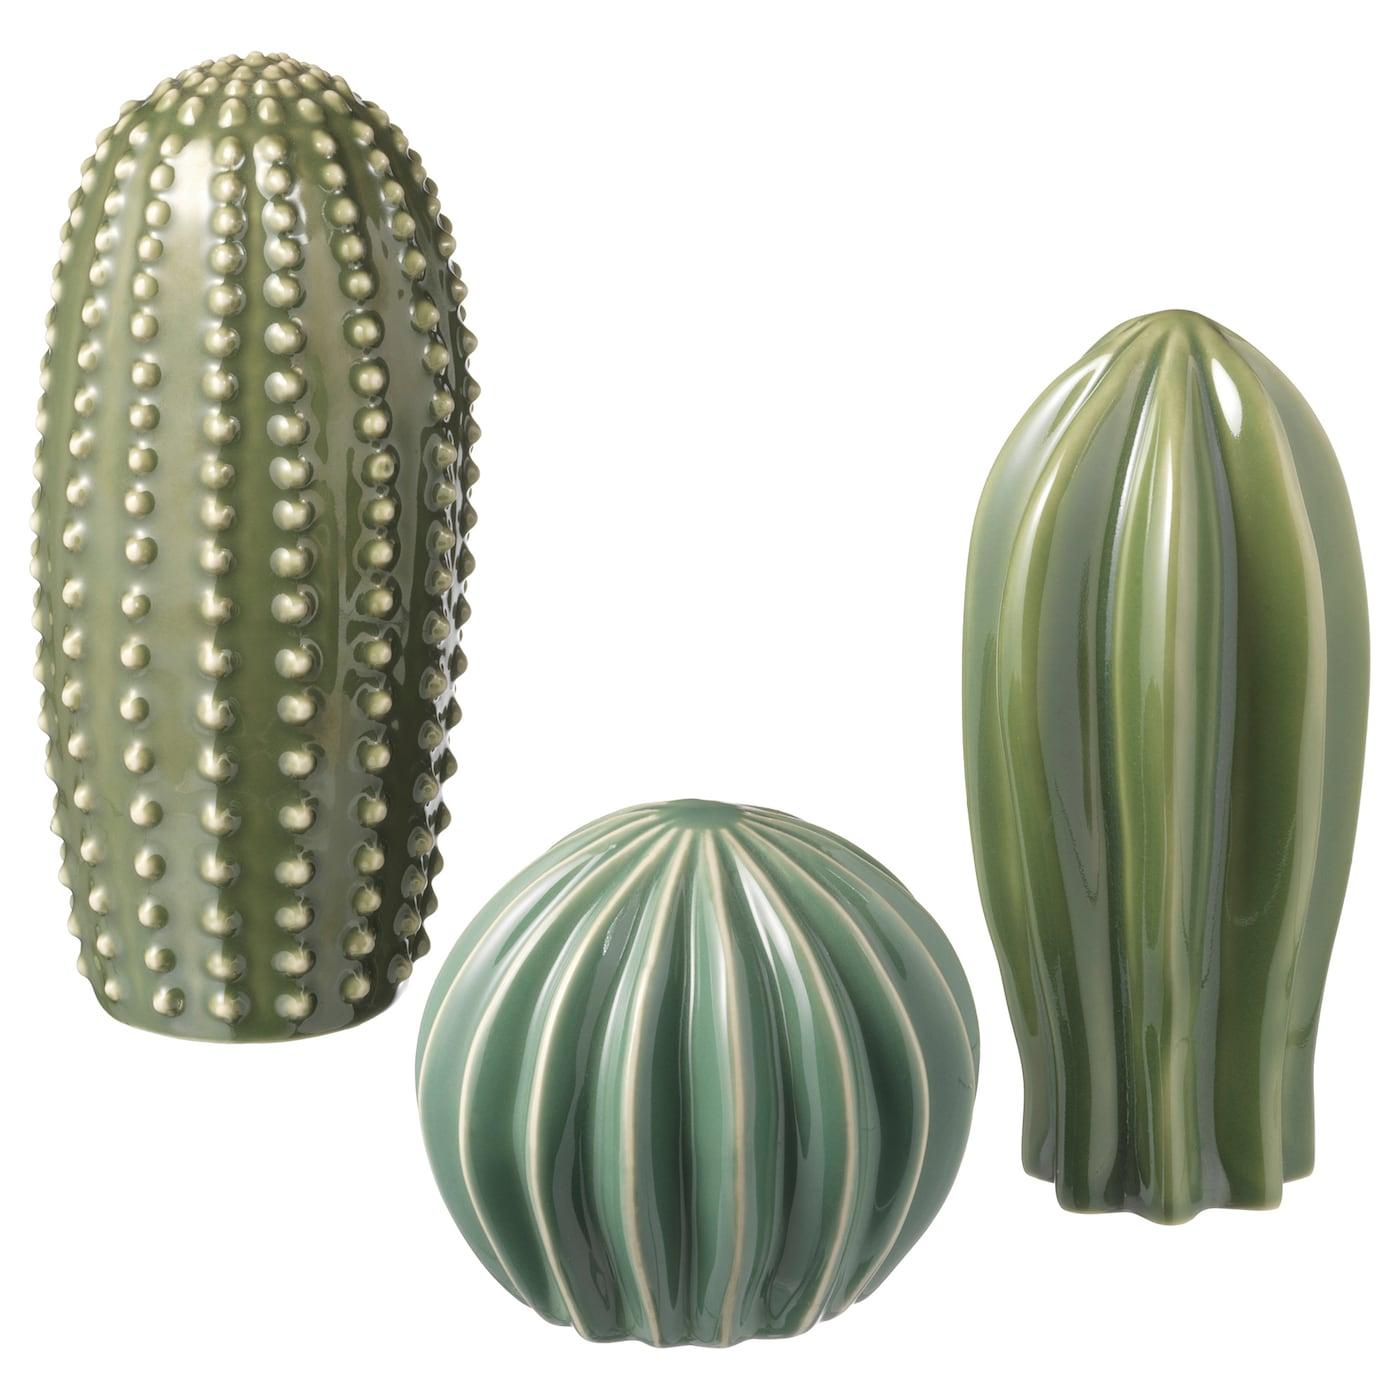 Sjalsligt Decoration Set Of 3 Green Ikea